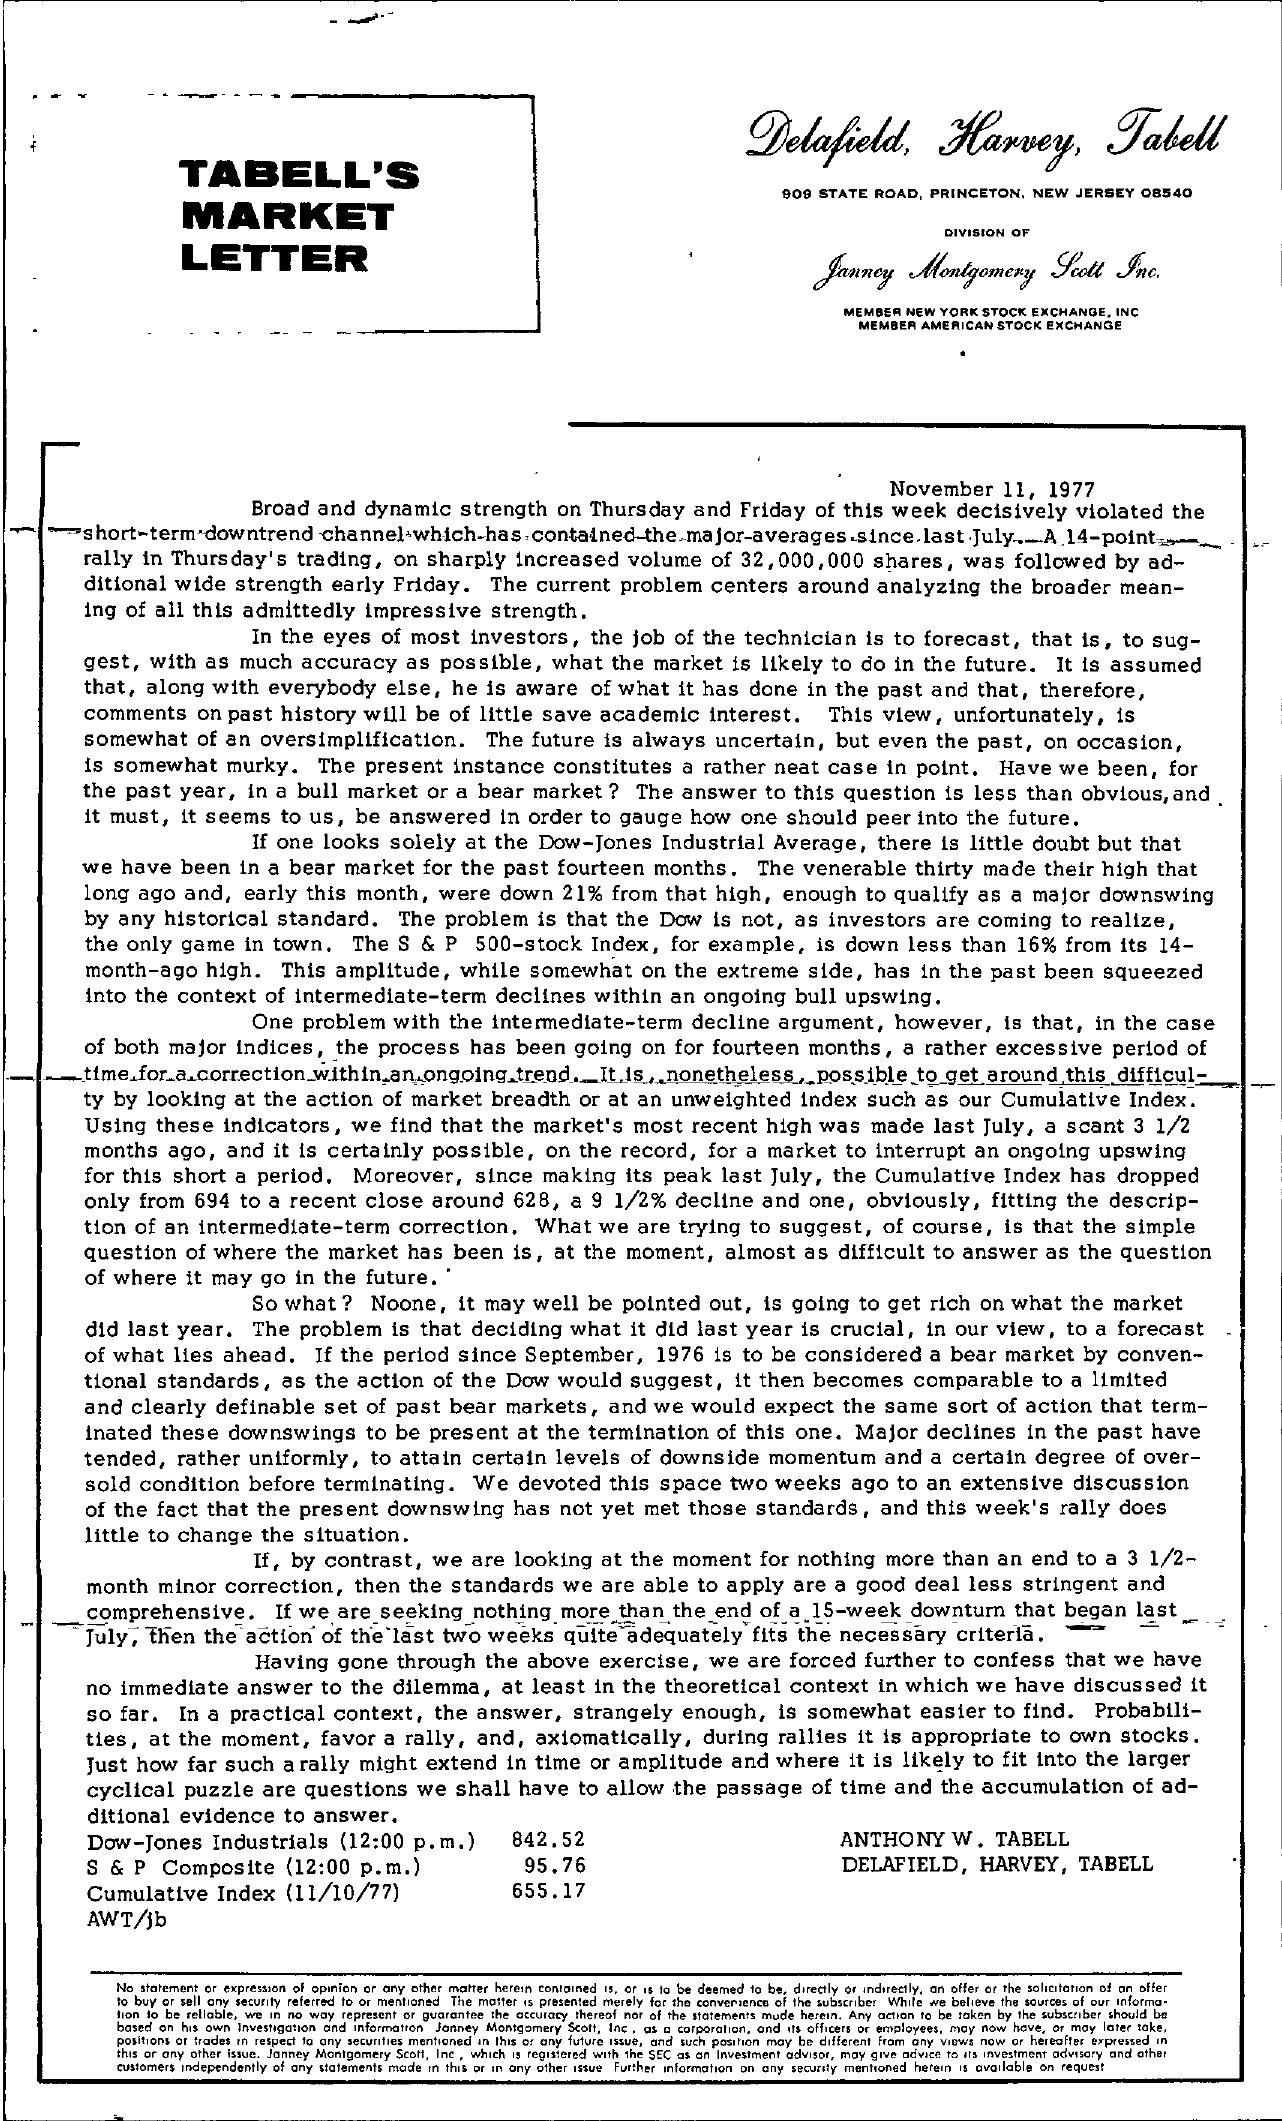 Tabell's Market Letter - November 11, 1977